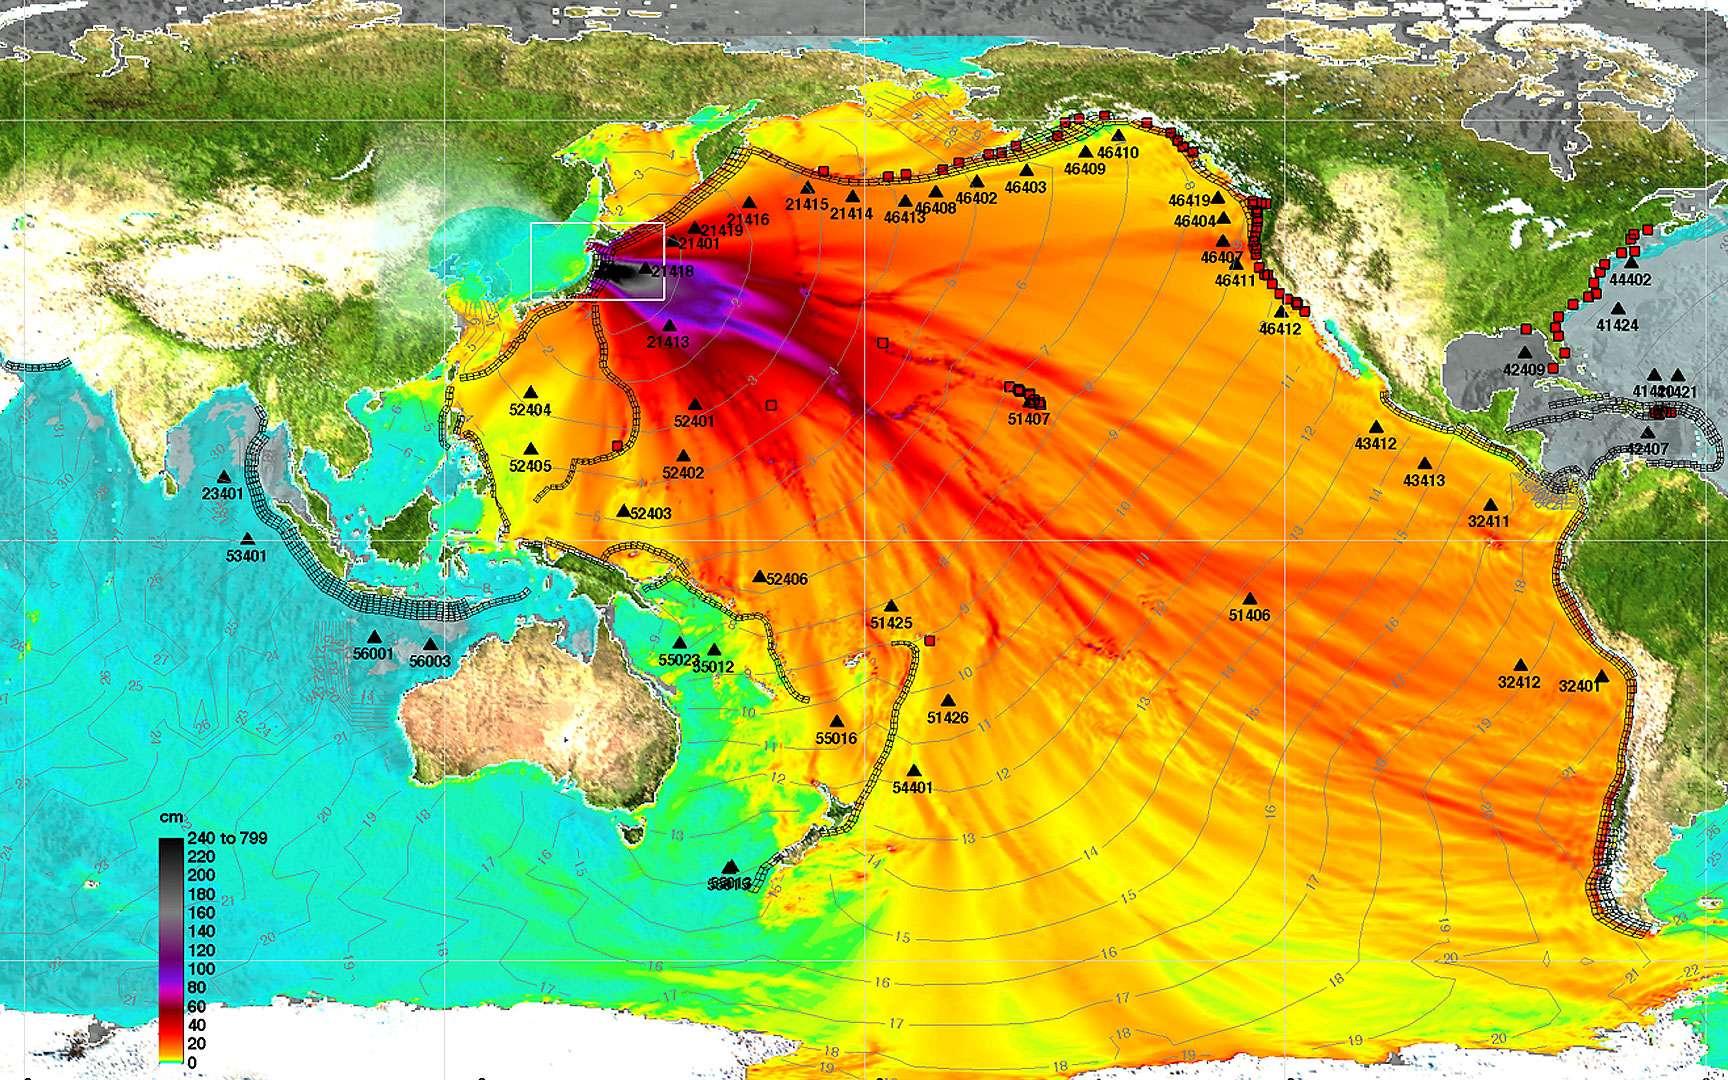 Aéroport de Sendai. Le séisme d'une magnitude de 9 qui s'est produit le 11 mars 2011 a provoqué un tsunami de 10 mètres de hauteur, qui s'est abattu sur les côtes au niveau de l'aéroport de la ville, en emportant tout ou presque sur son passage. © Google, Digital Globe, Geo Eye